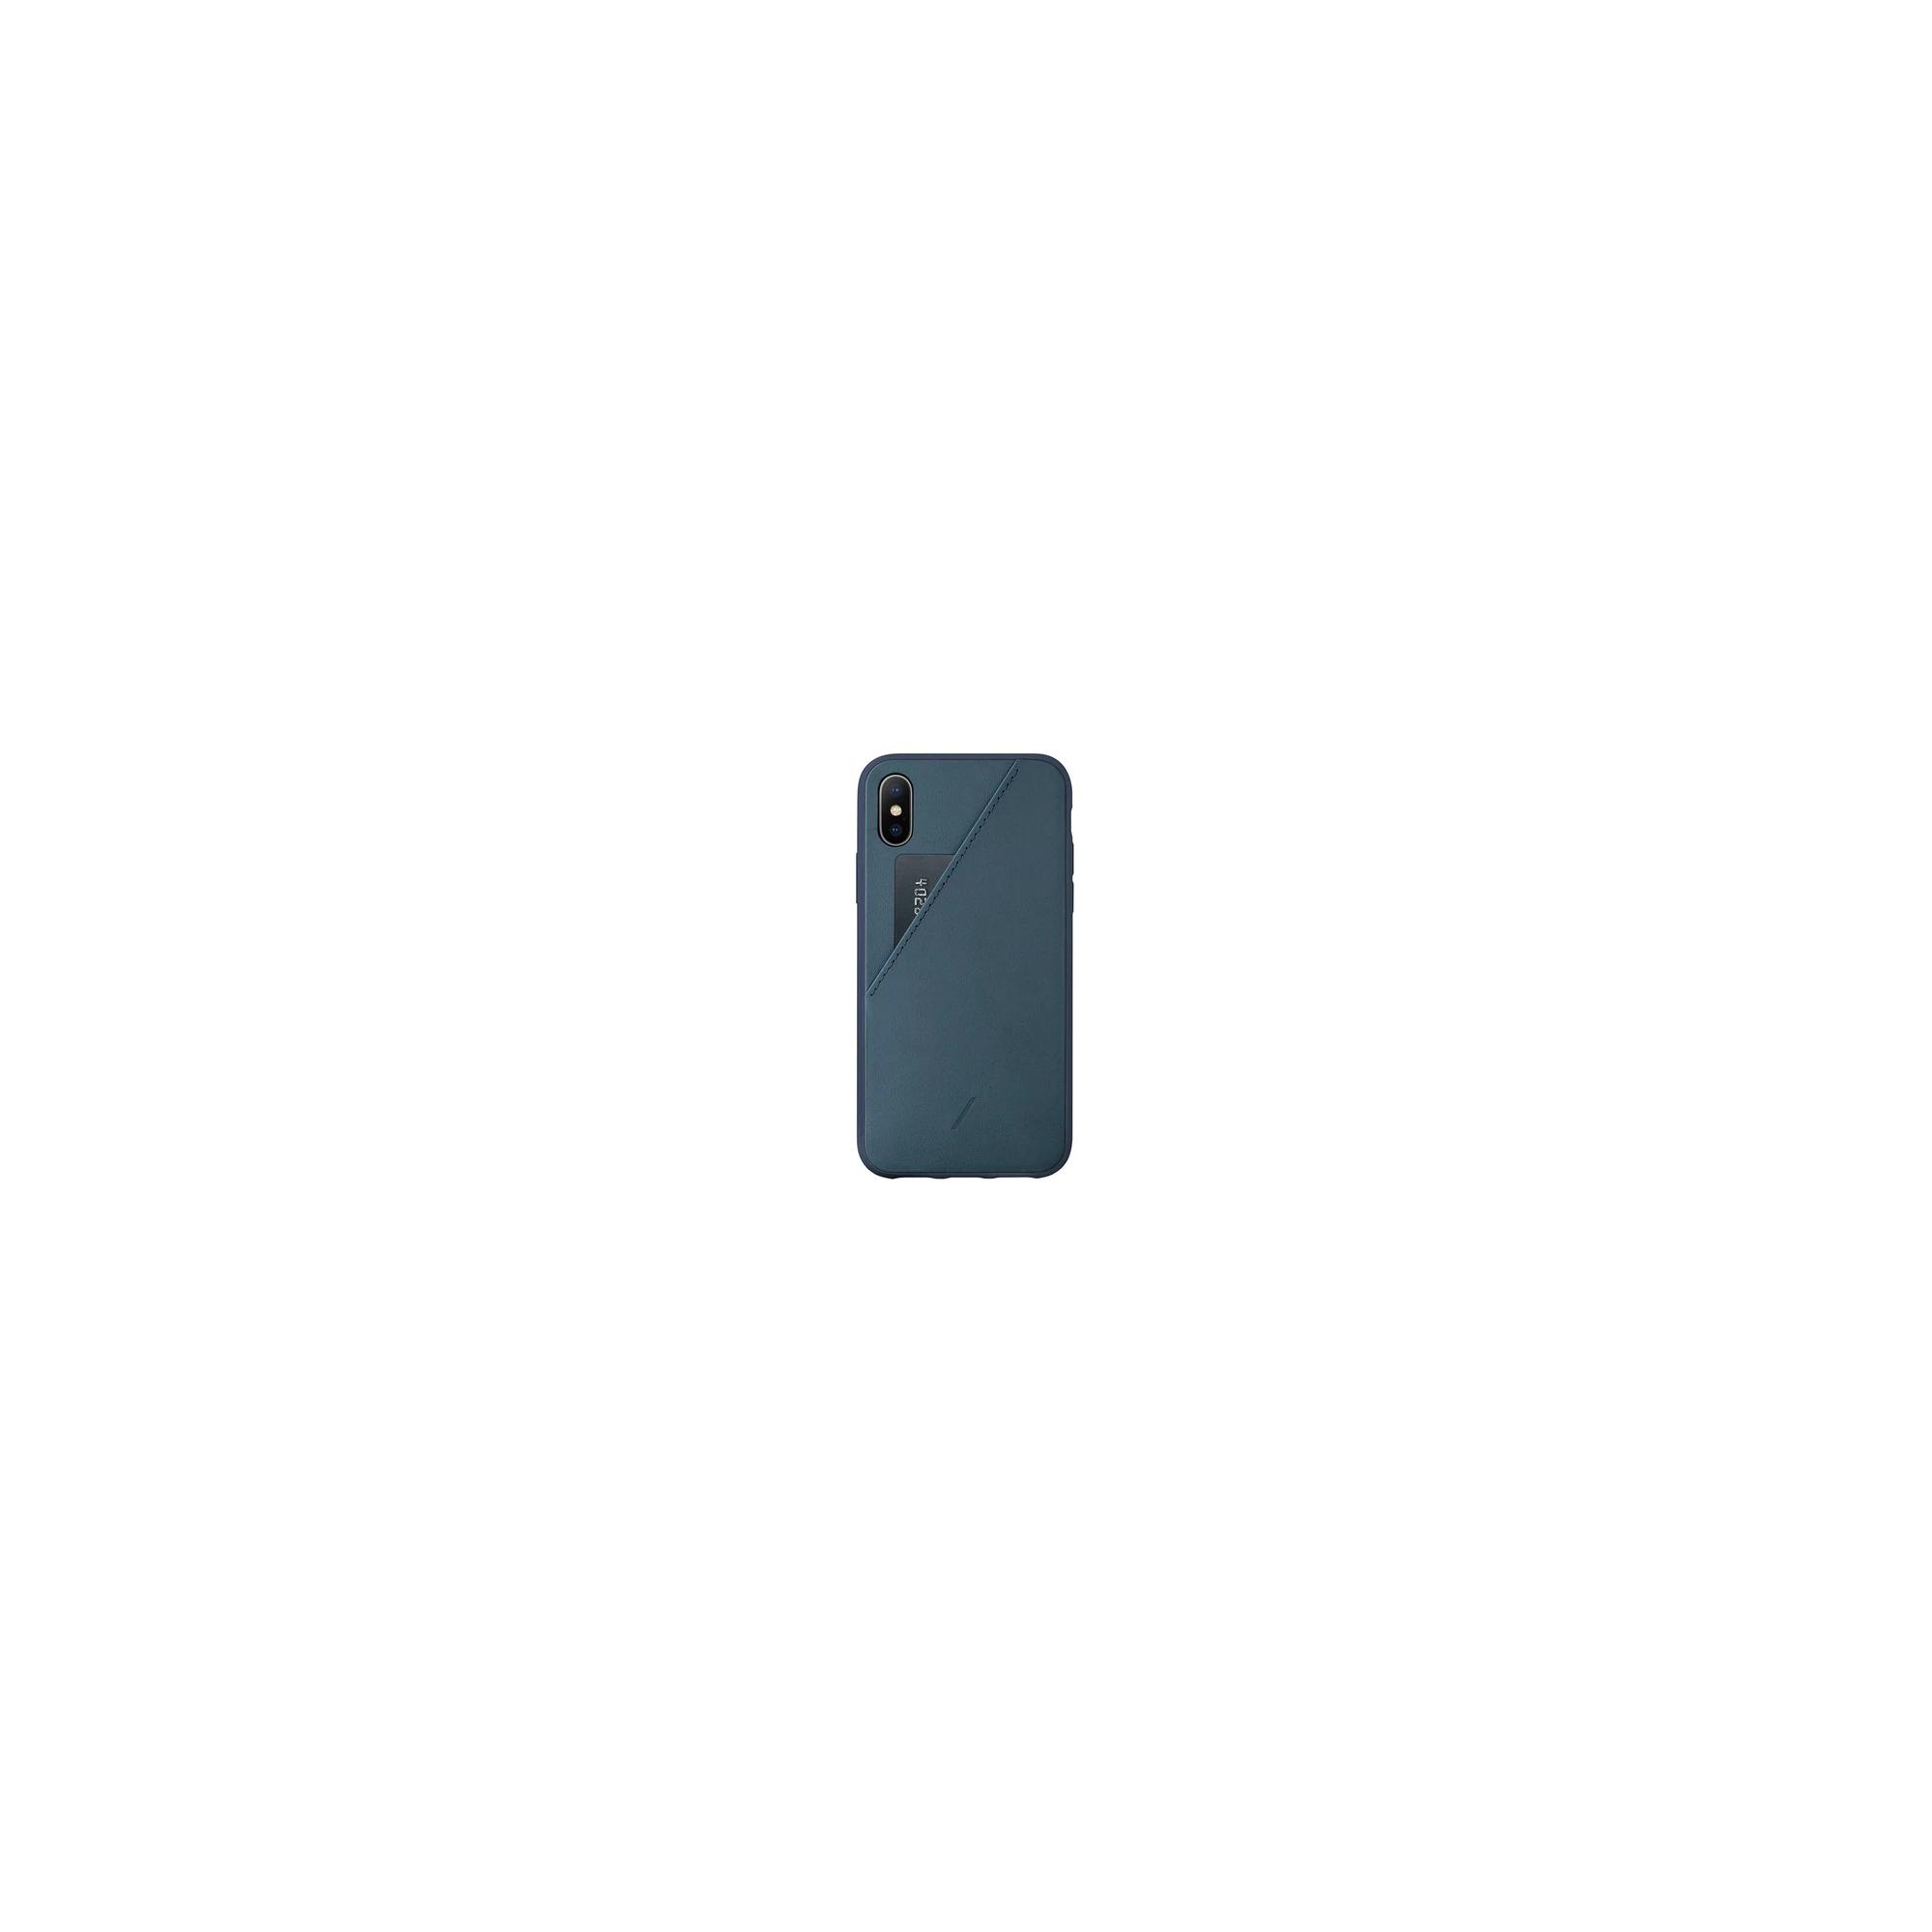 Clic Iphone X/Xs - Navy